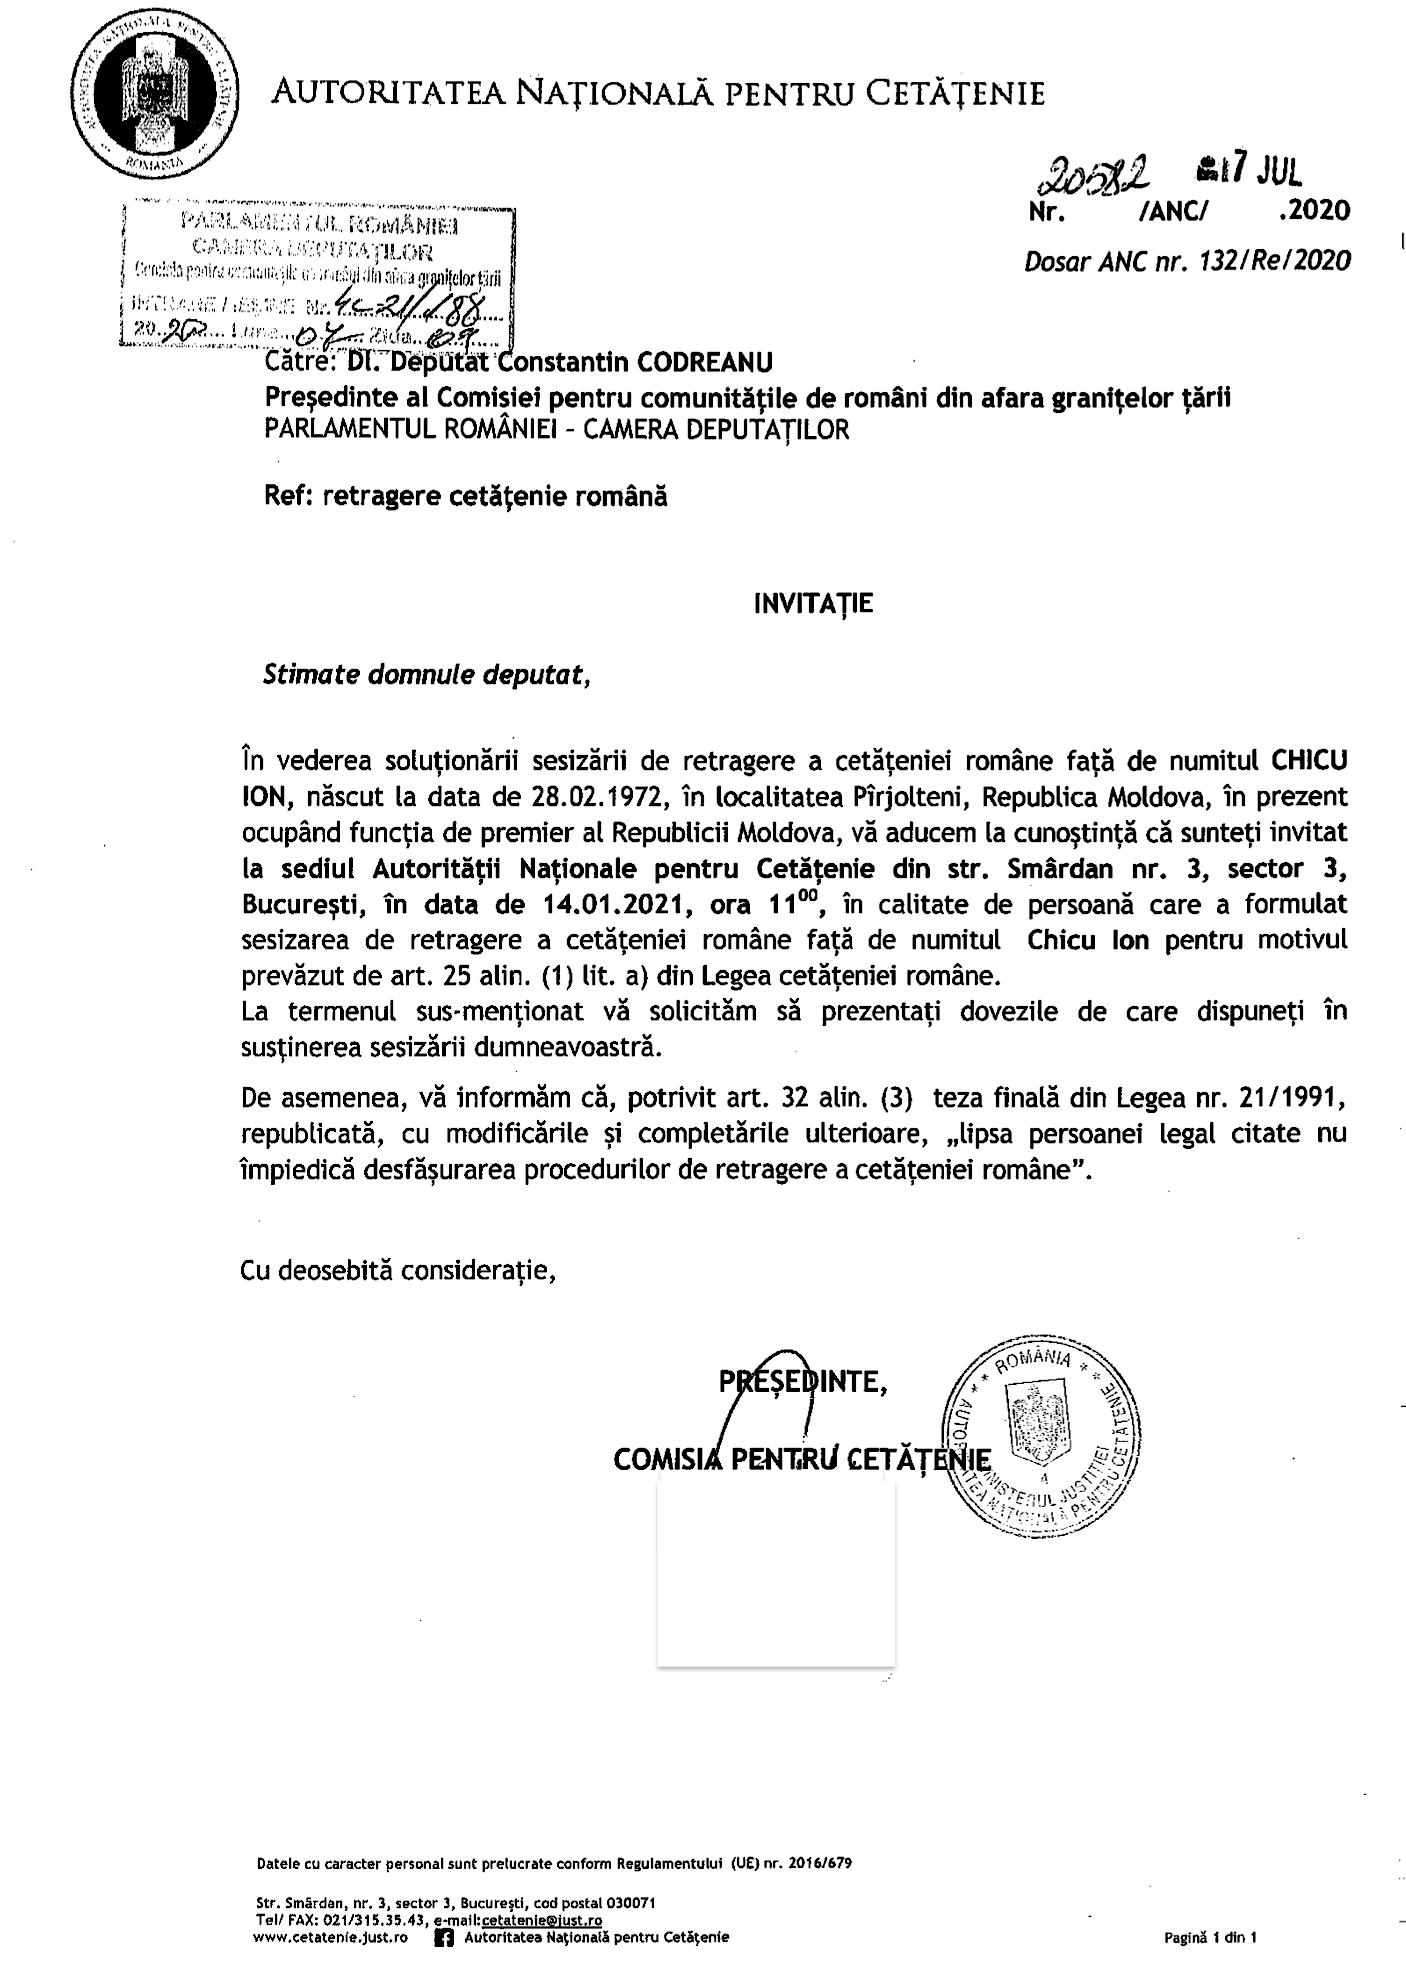 Constantin Codrenau Autoritatea Nationala pentru Cetatenie